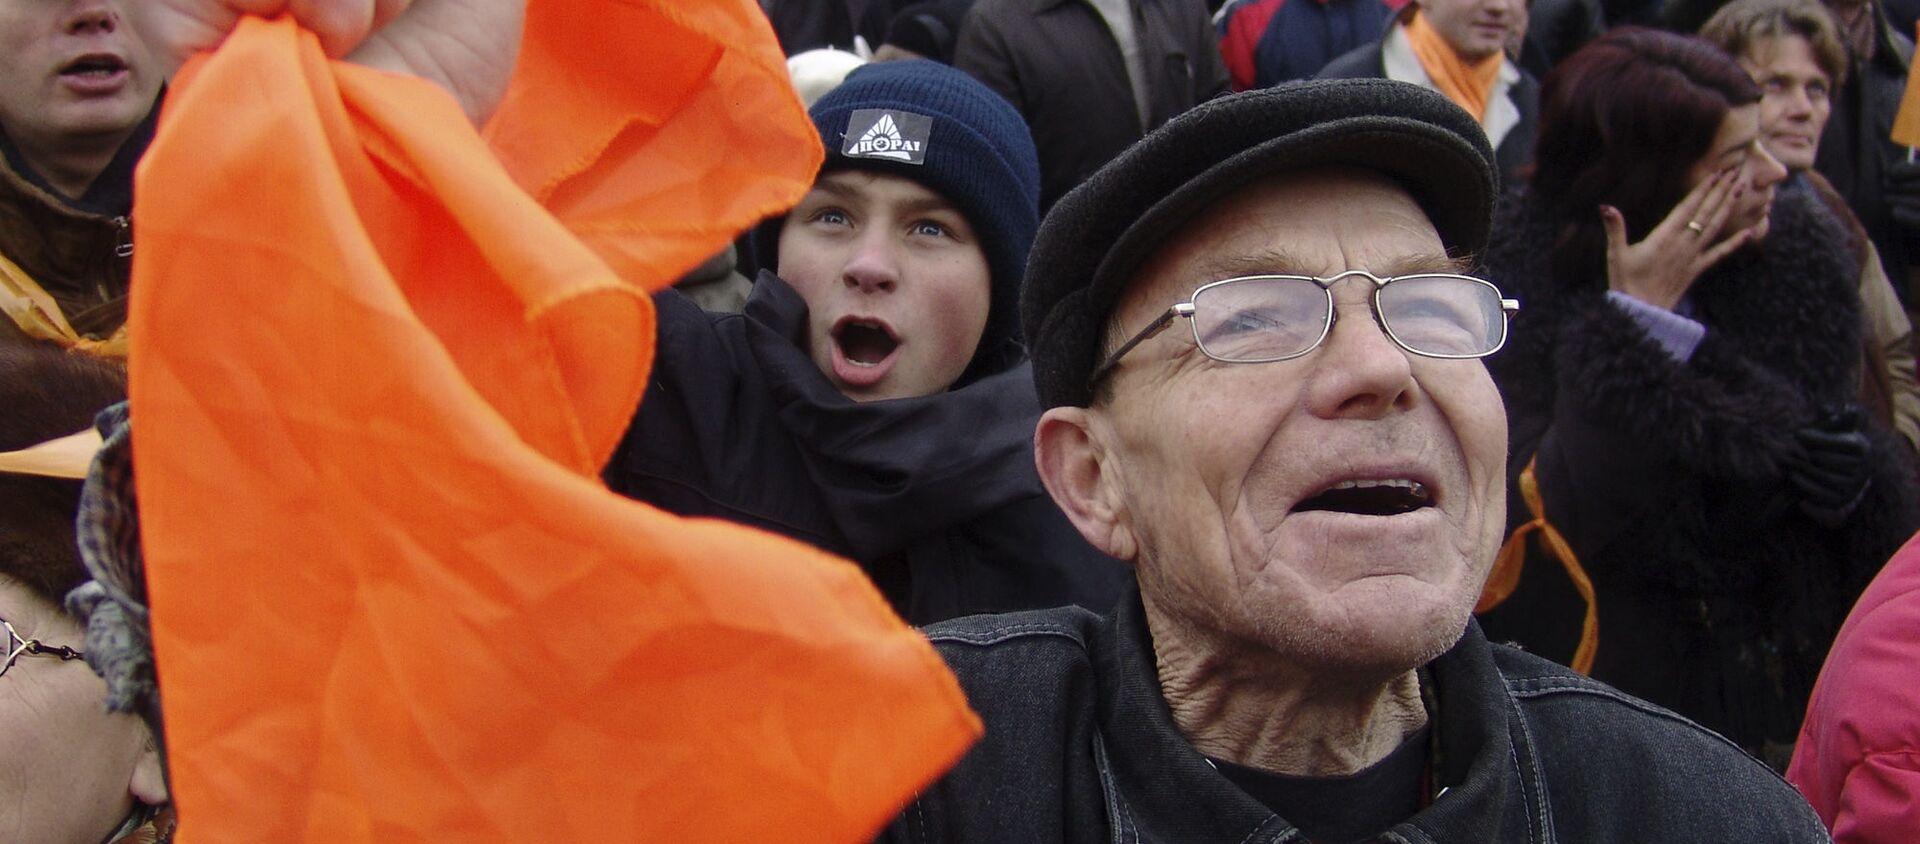 La Revolución Naranja en Ucrania - Sputnik Mundo, 1920, 22.11.2019